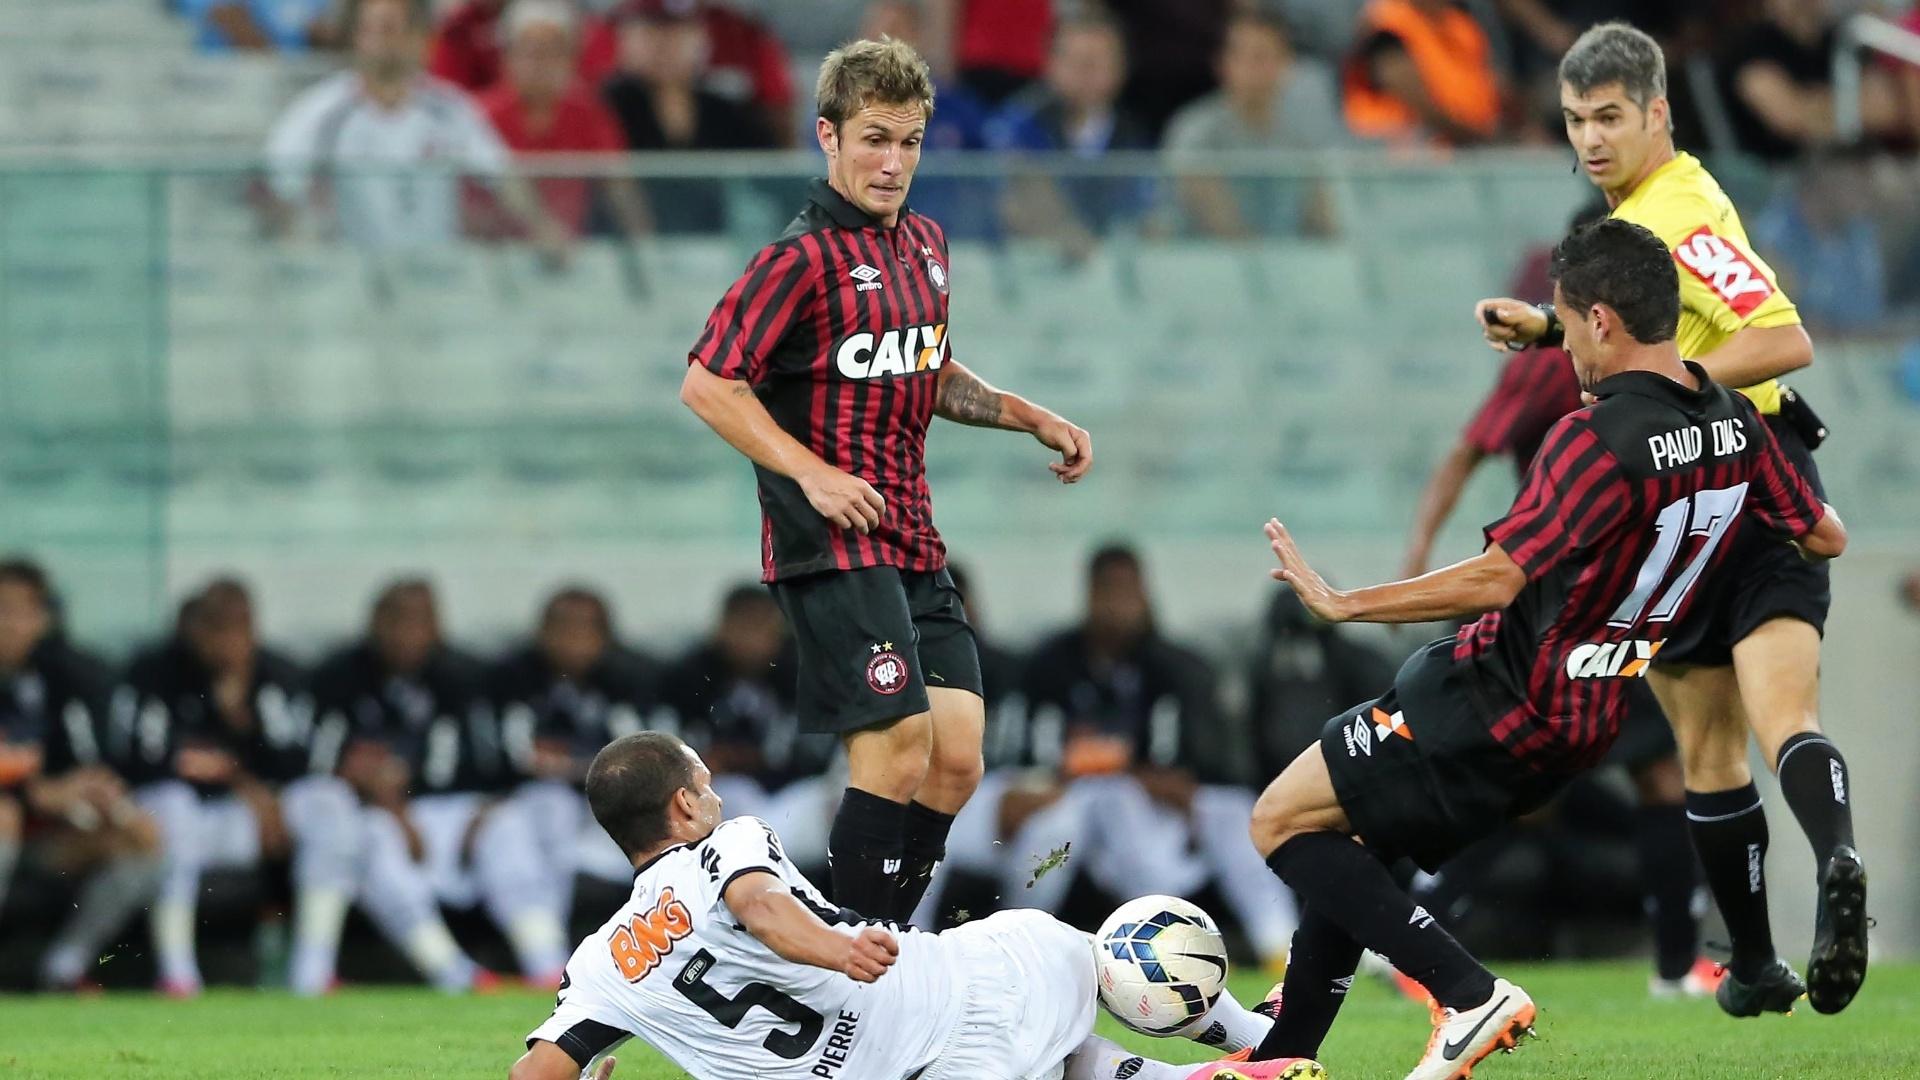 Pierre divide bola com jogador do Atlético-PR em jogo do Atlético-MG